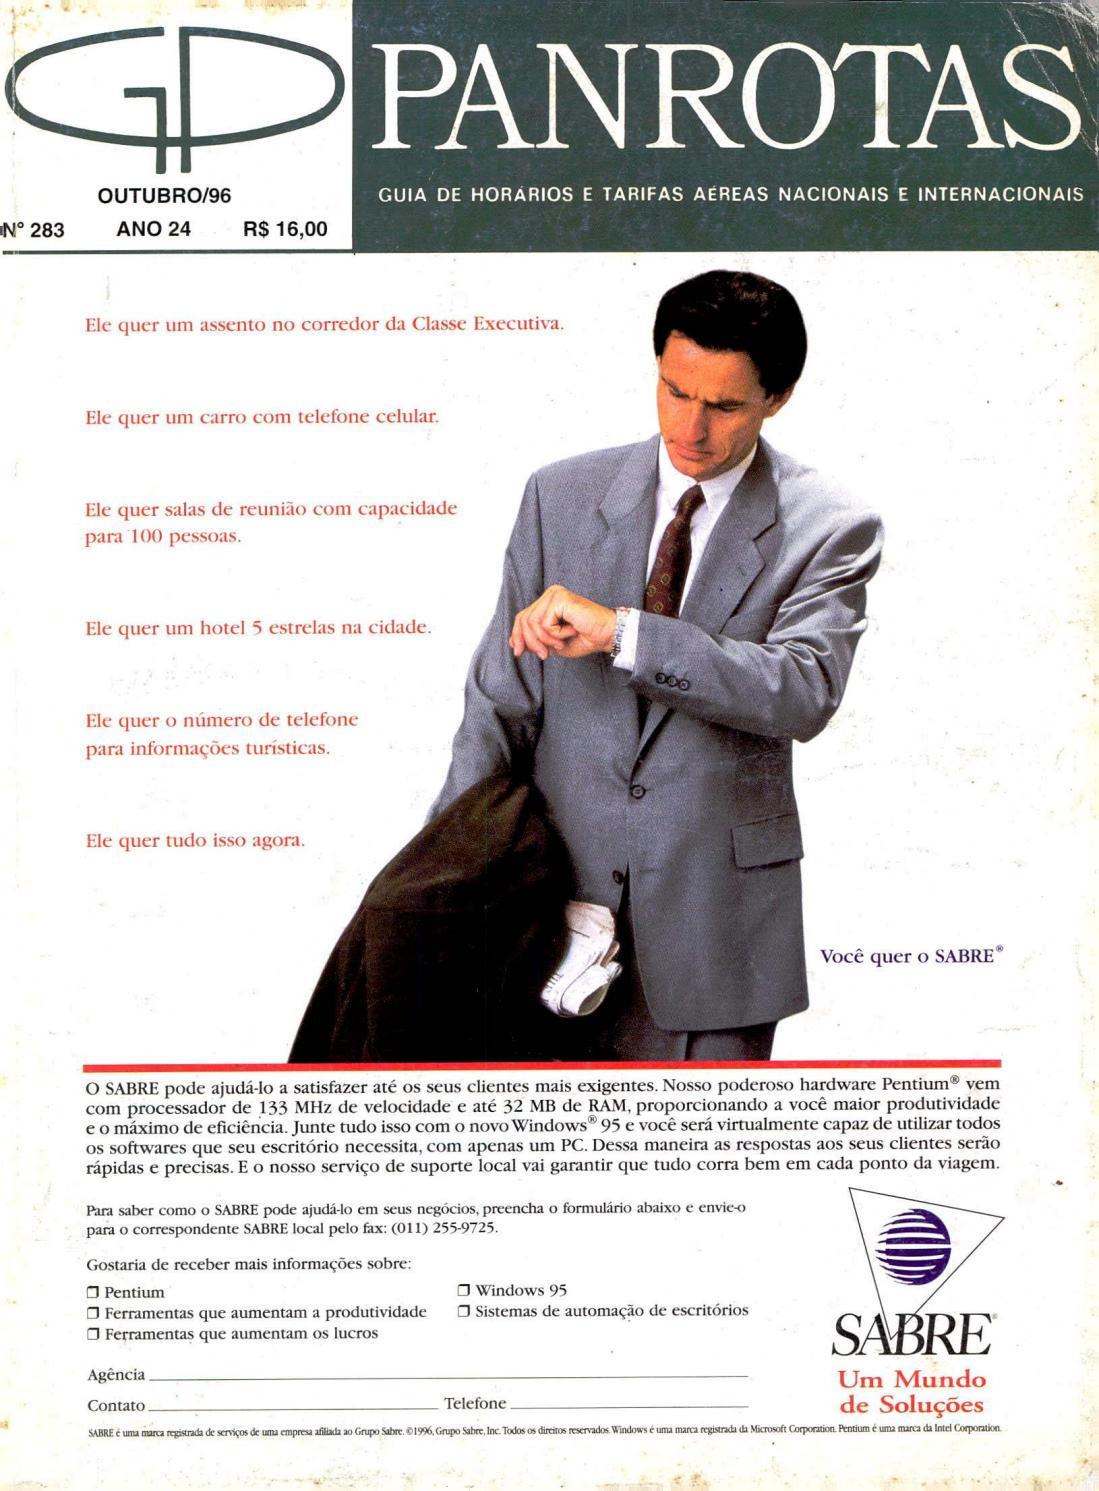 73f116de4 Guia PANROTAS - Edição 283 - Outubro/1996 by PANROTAS Editora - issuu